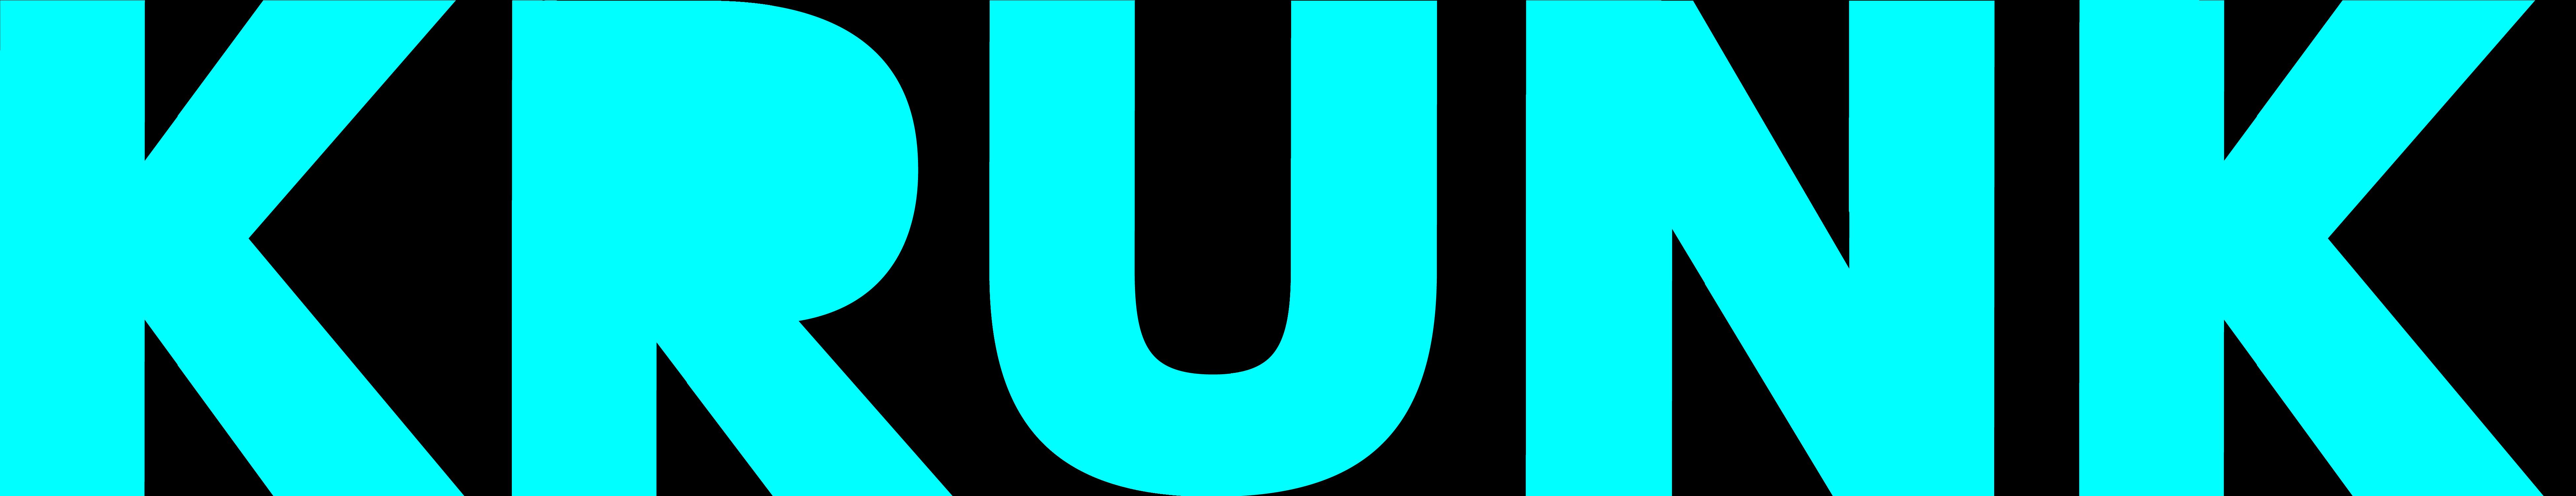 KRUNK mag Logo in Cyan Schrift und Grossbuchstaben